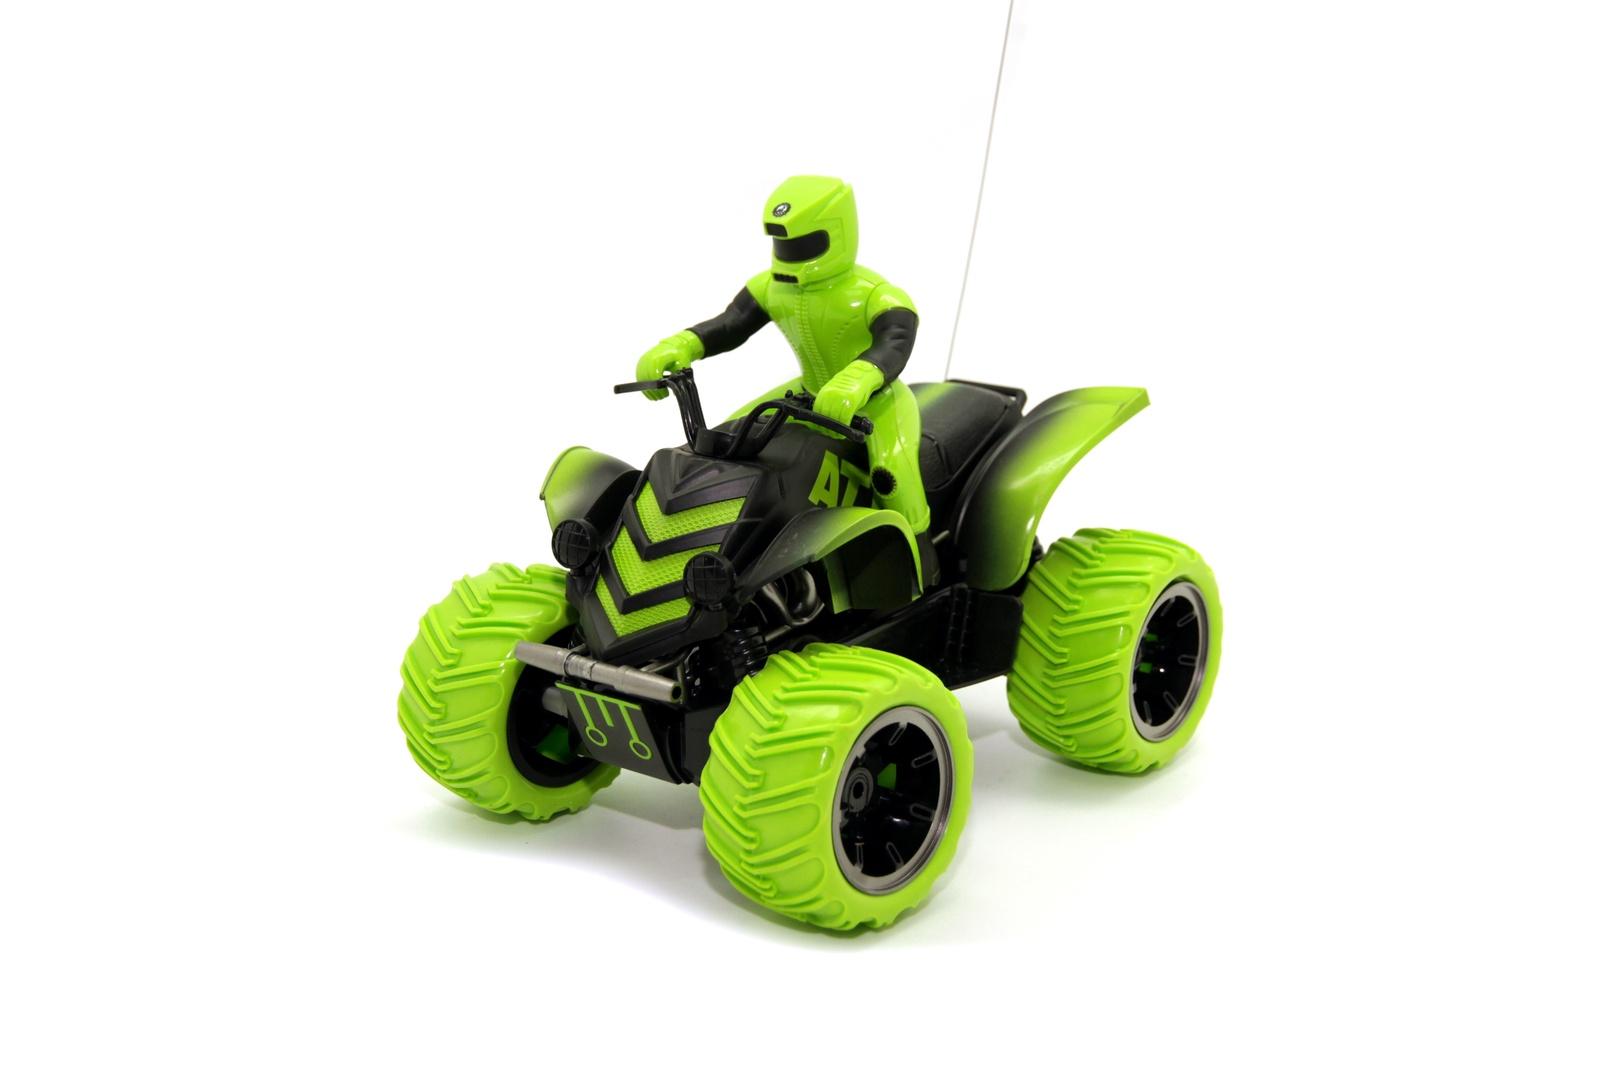 цена на Игрушка радиоуправляемая Balbi MTR-001-G зеленый